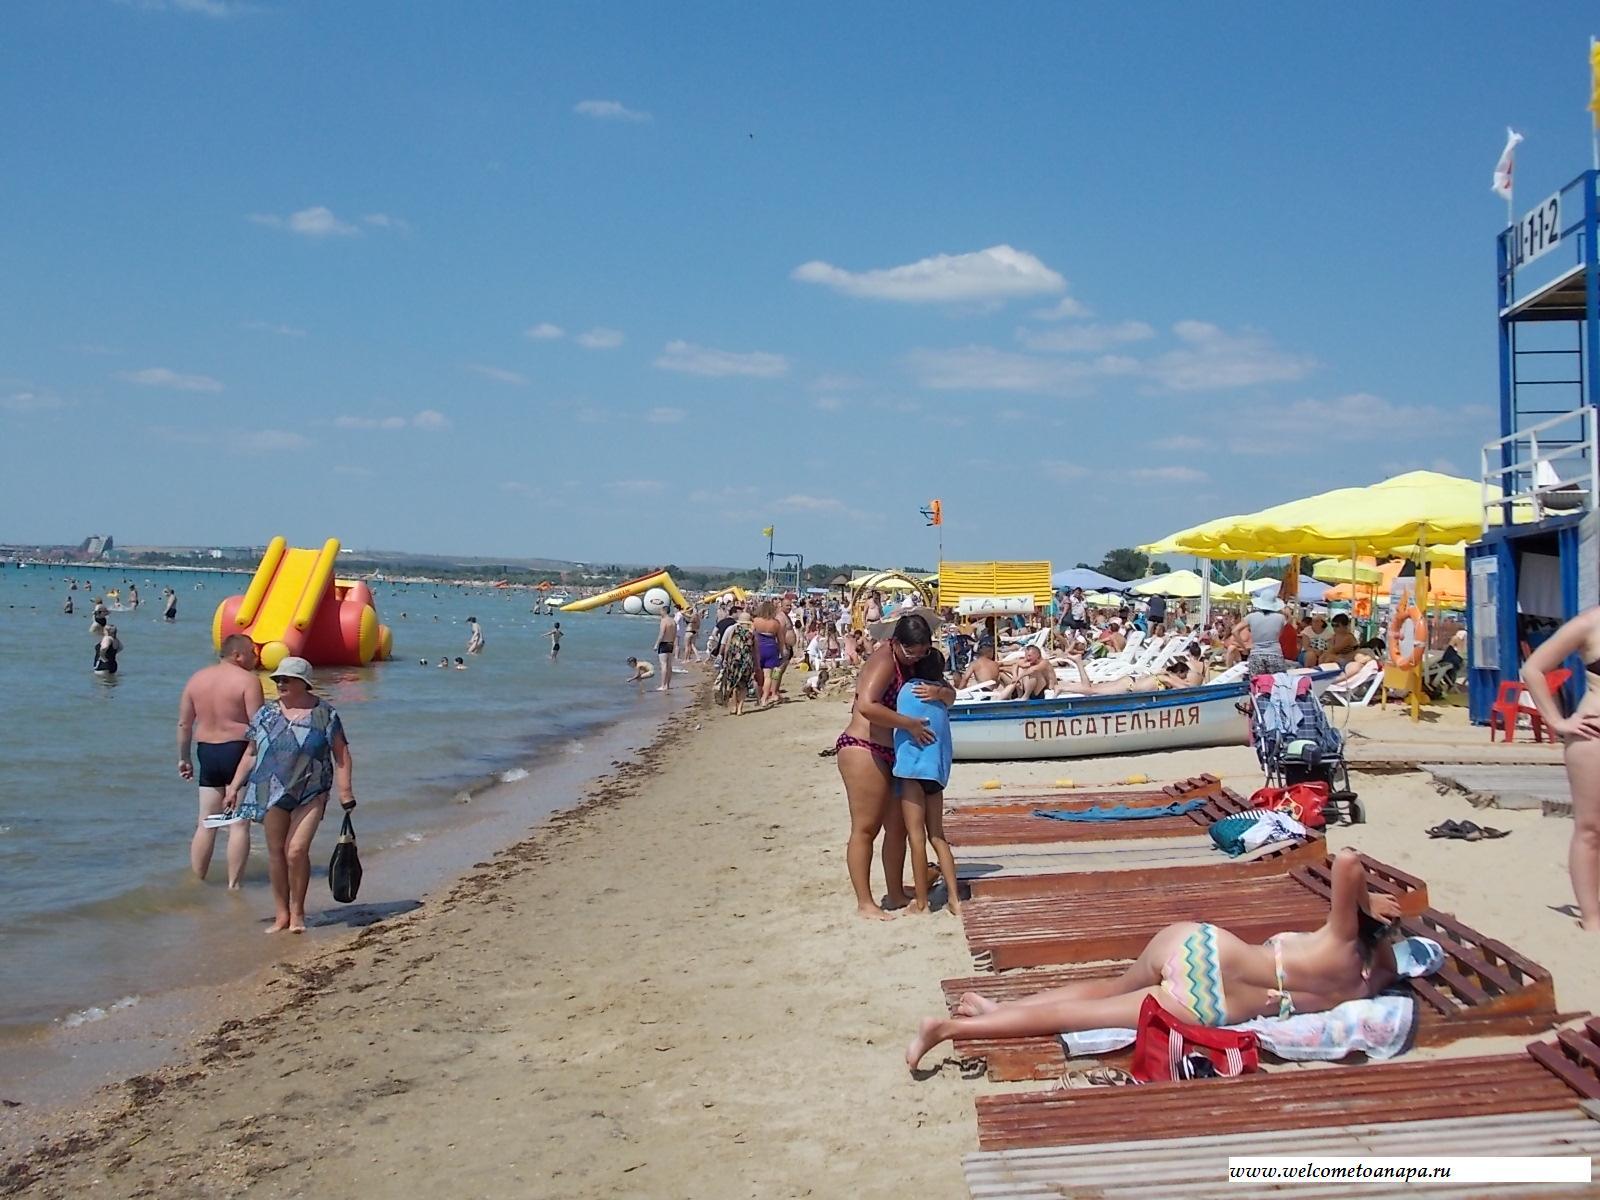 Анапа пляж фото туристов